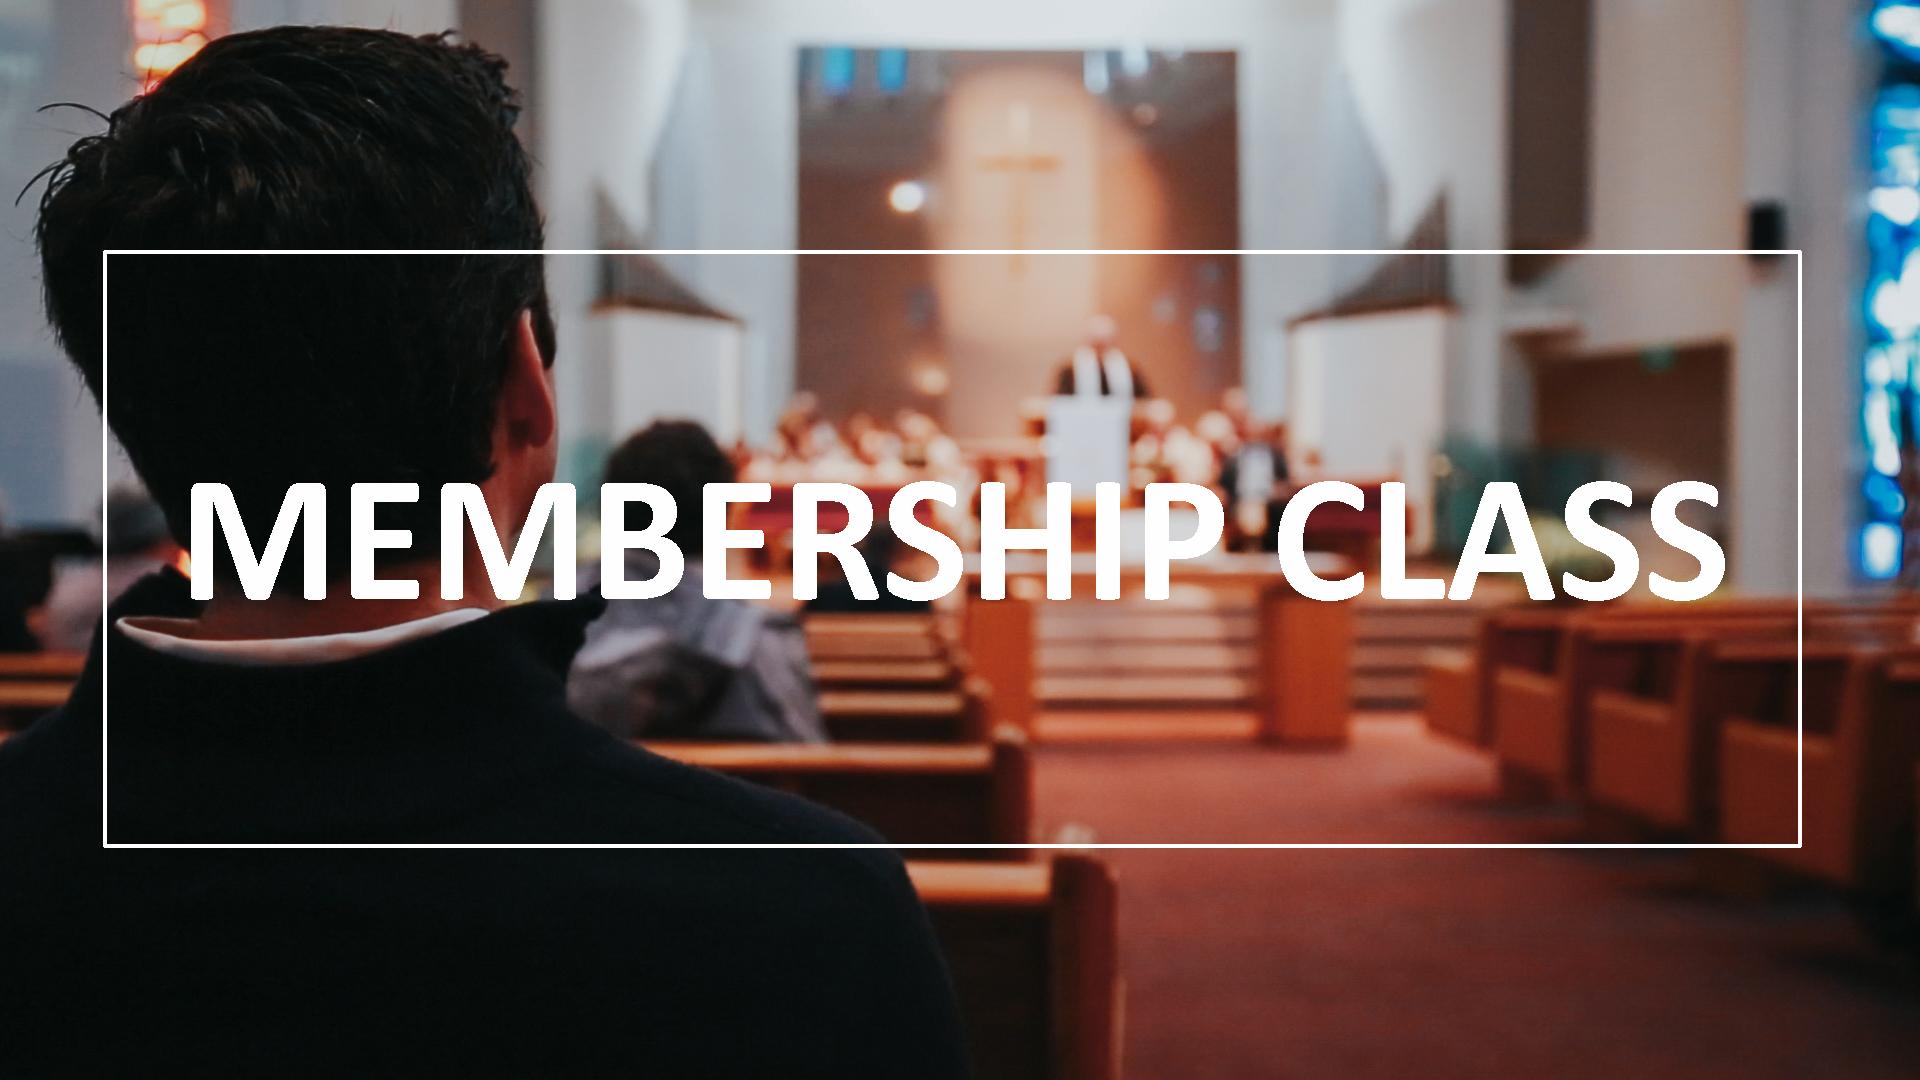 UACC Membership Class